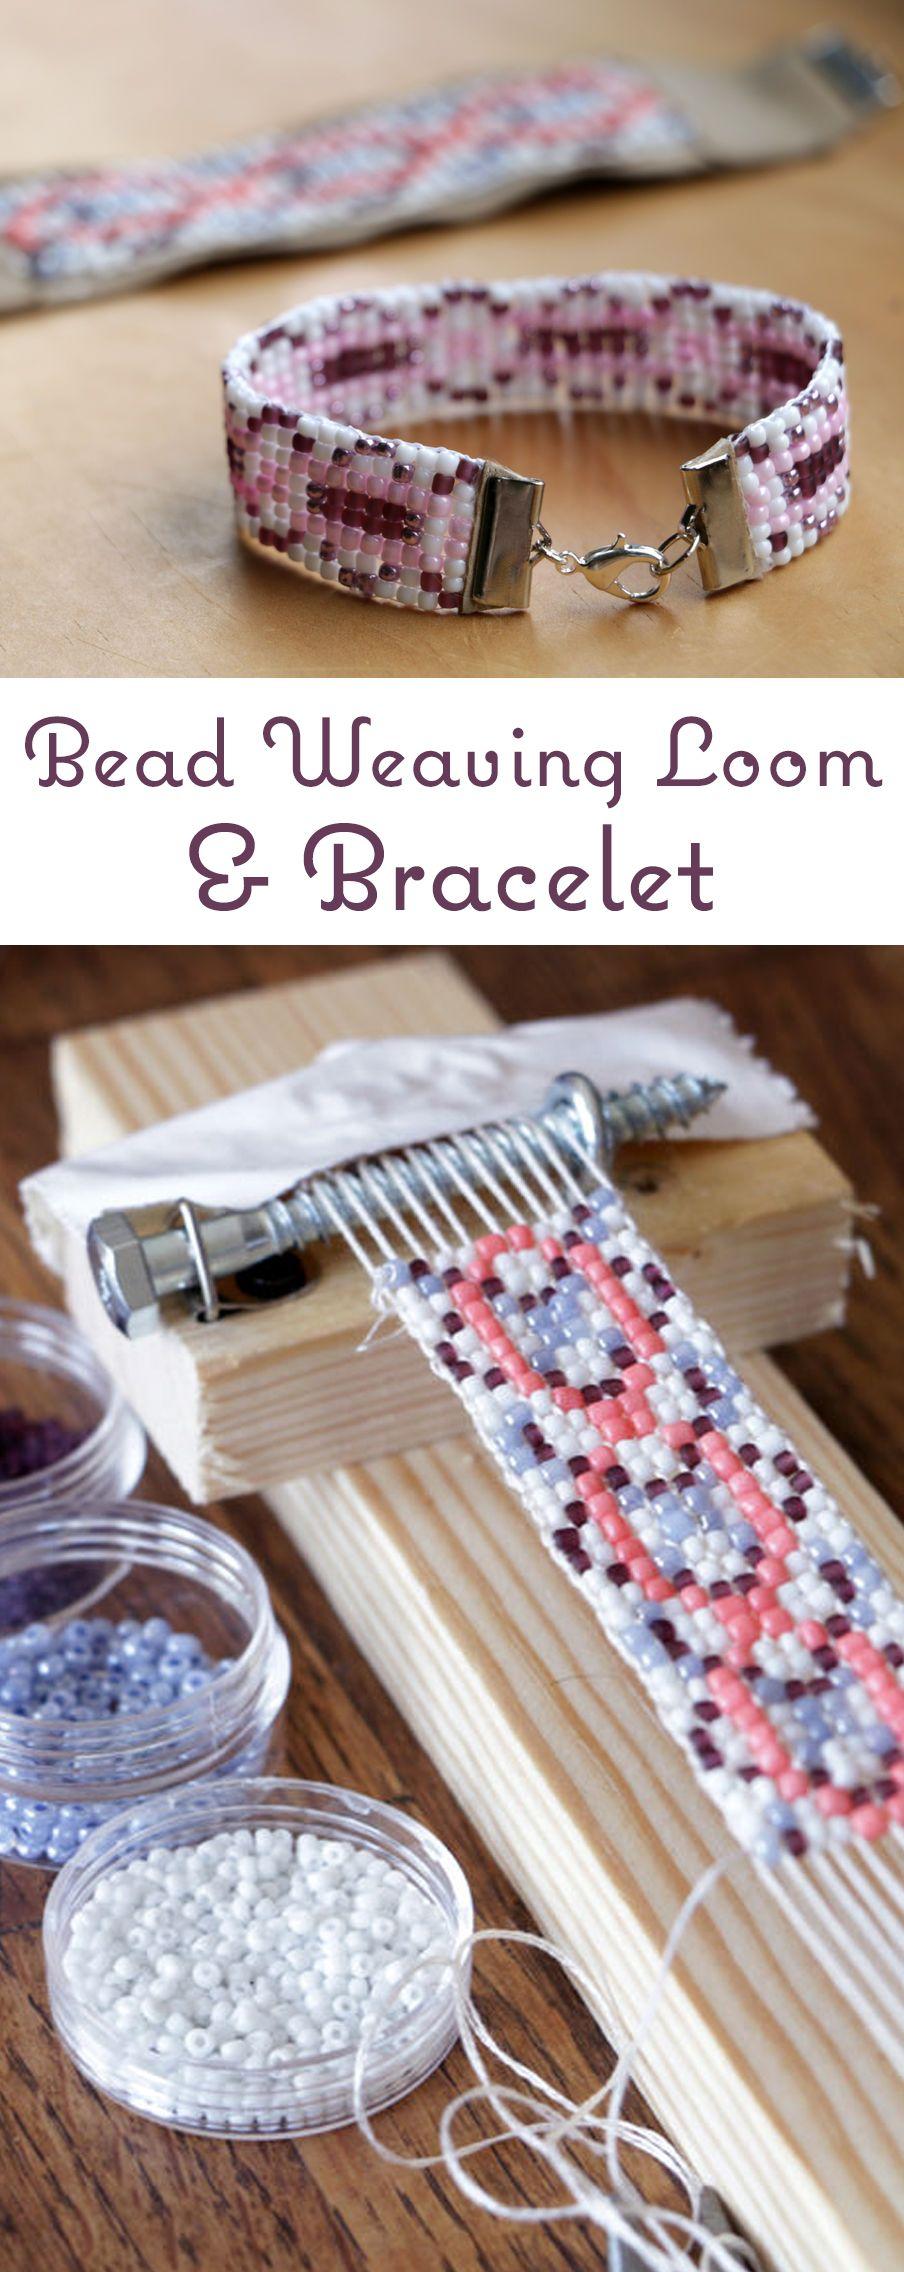 Simple Bead Weaving Loom & Bracelet #beading